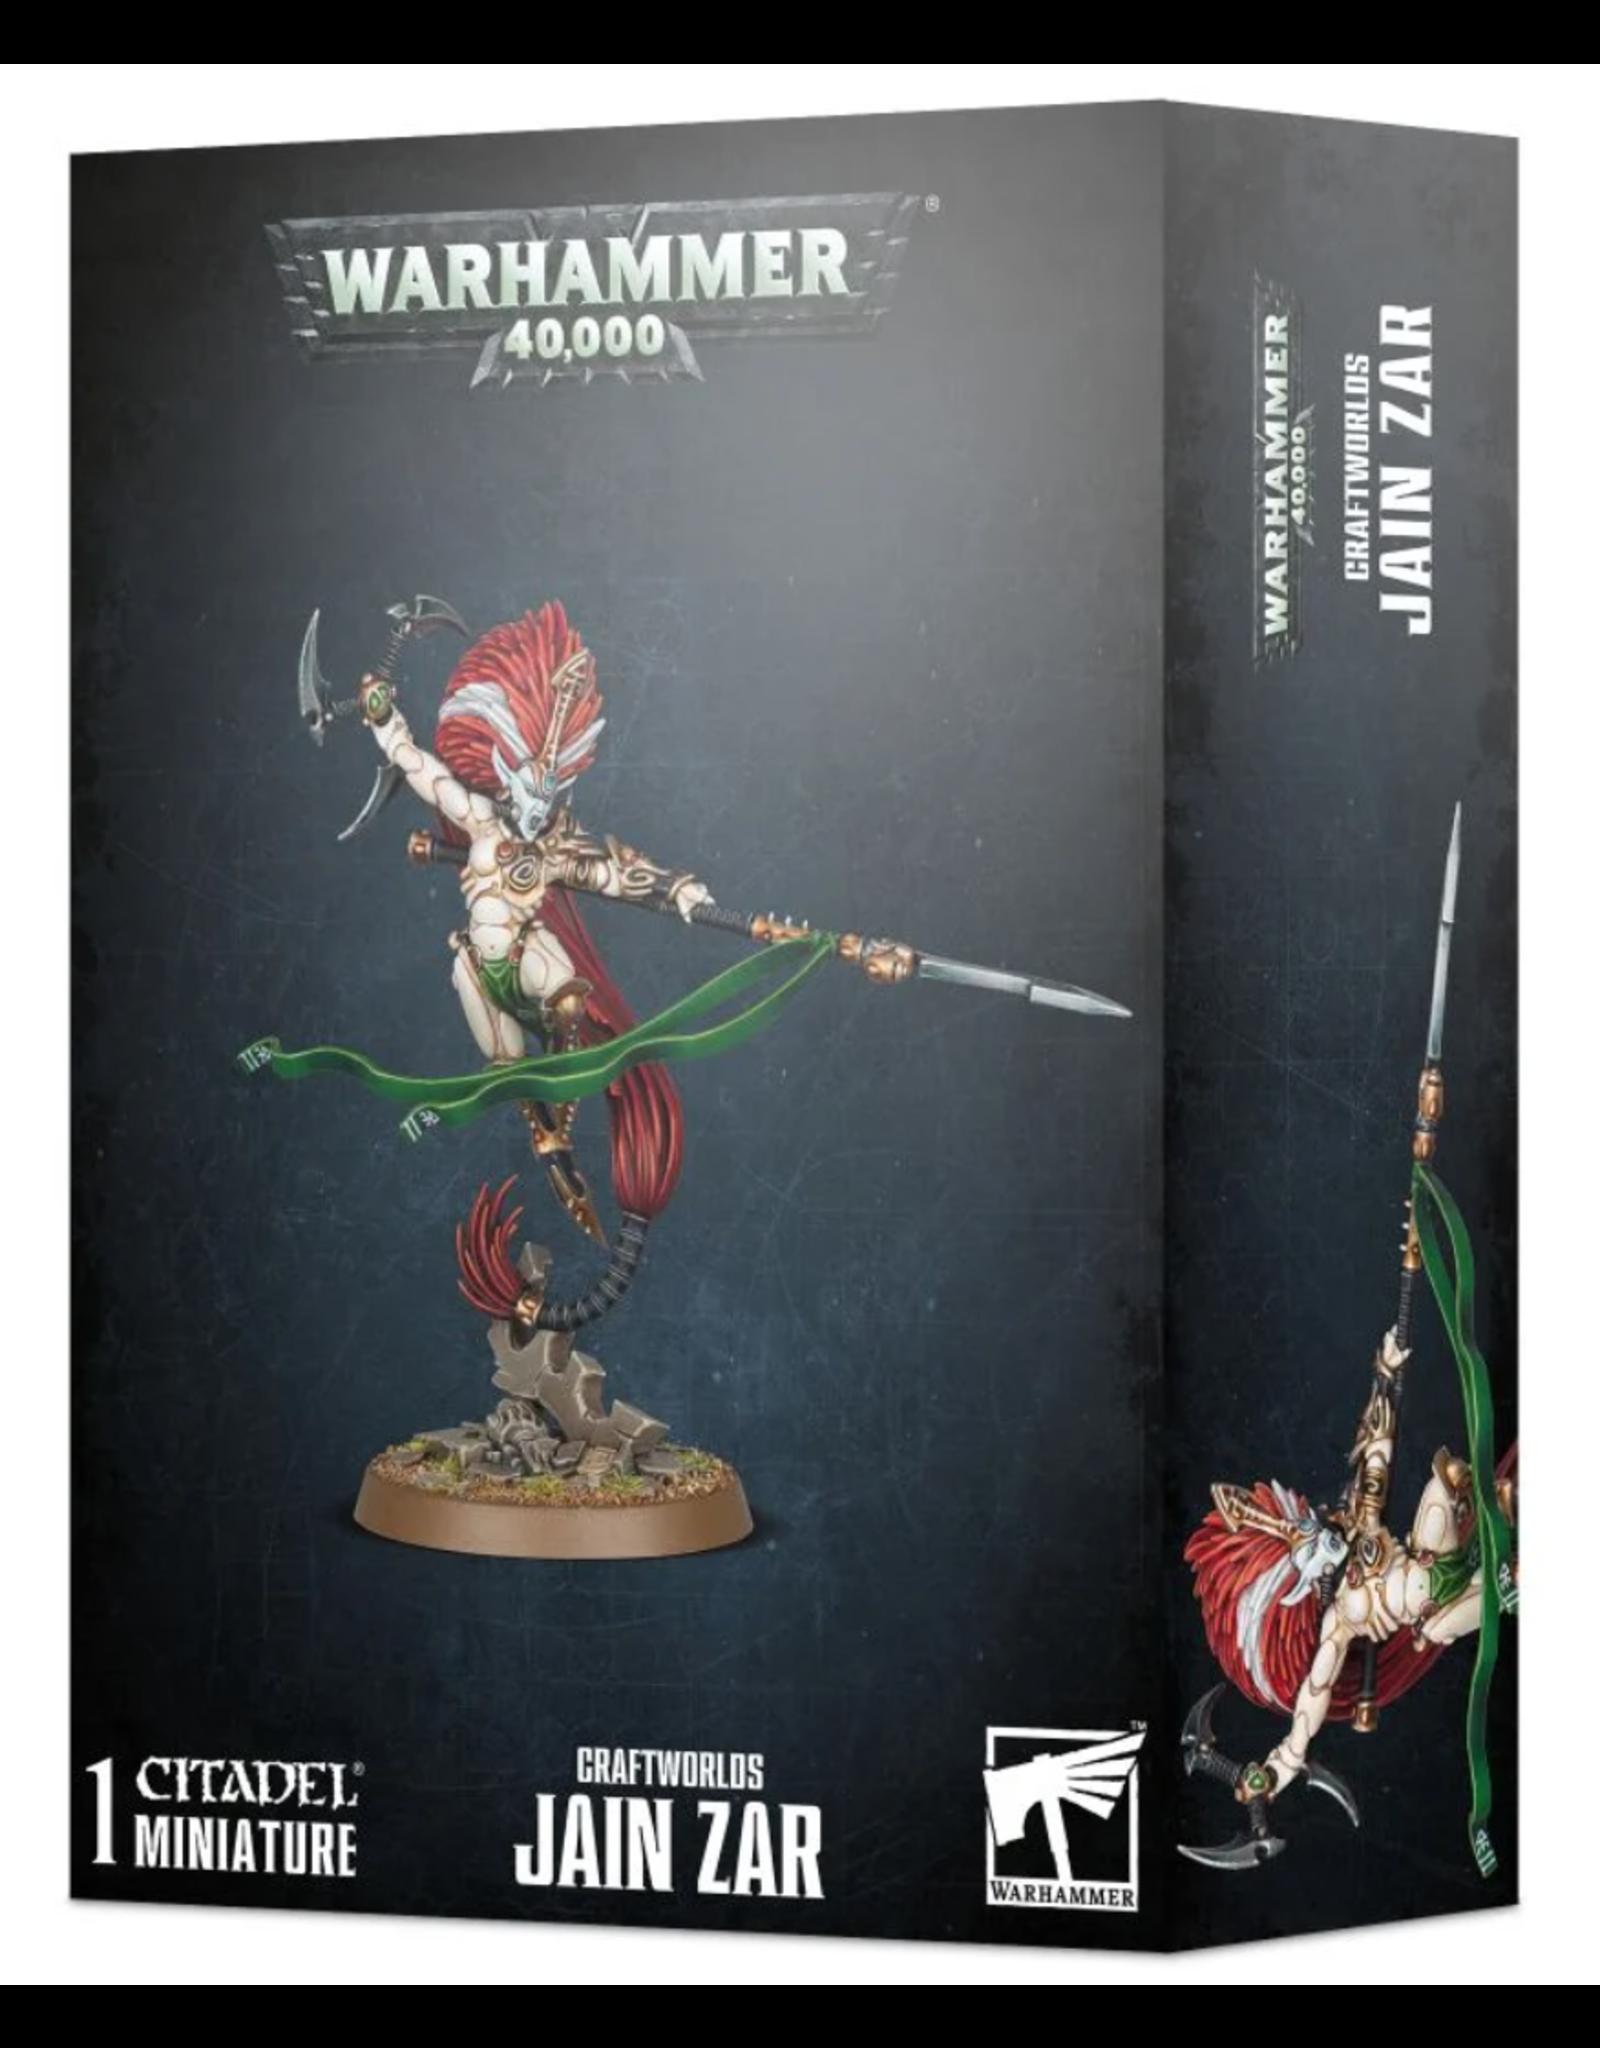 Warhammer 40K Craftworlds Jain Zar